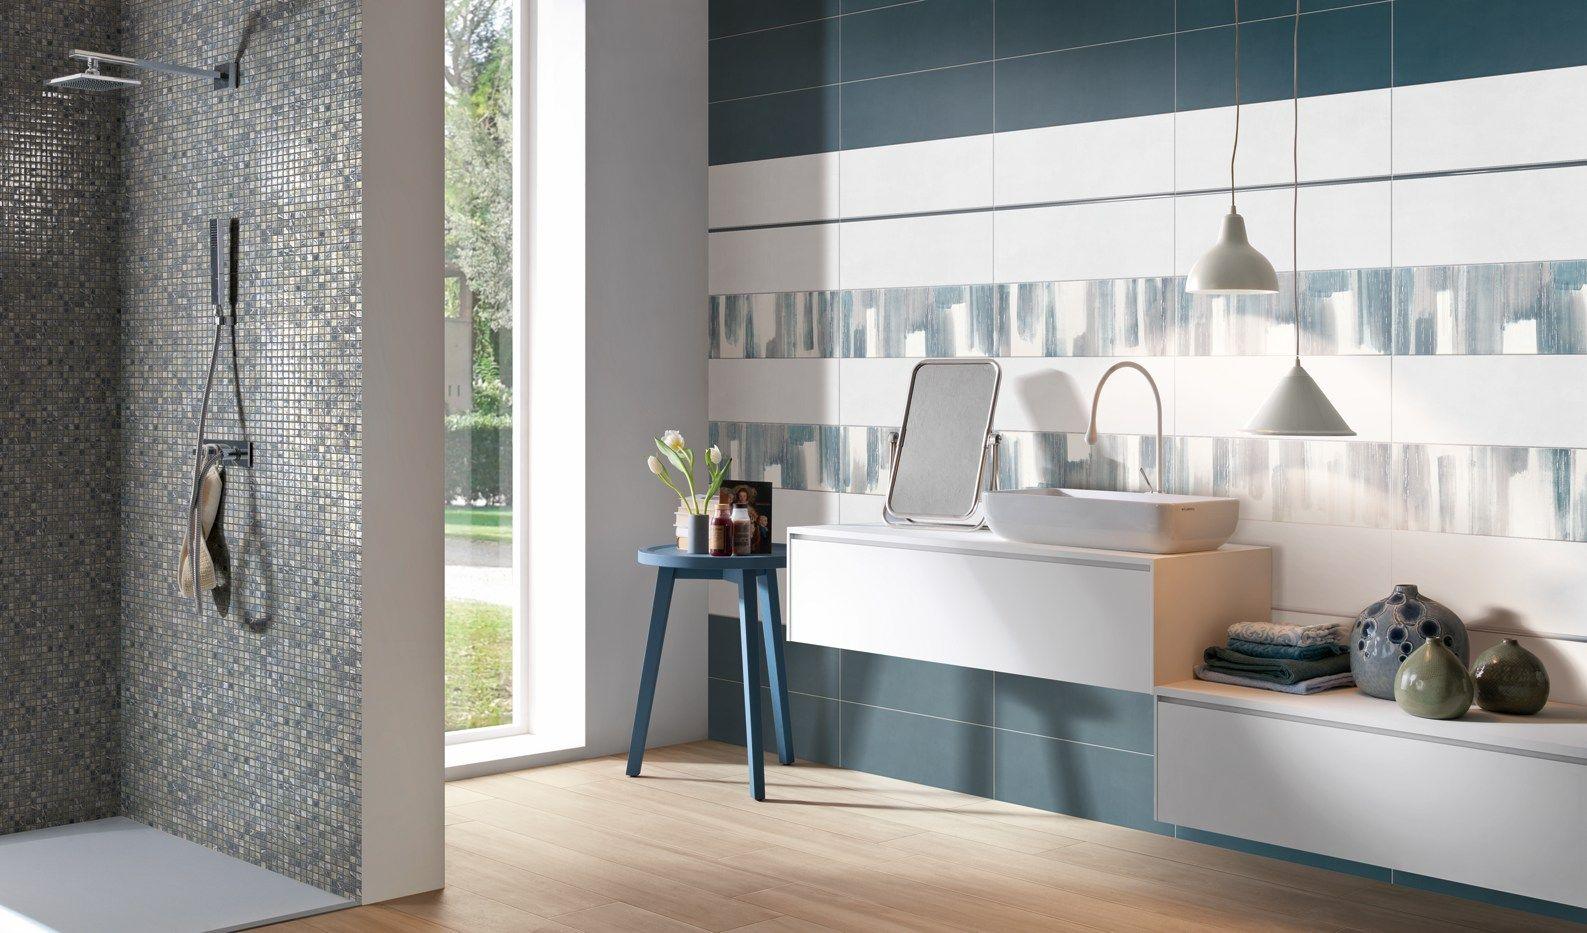 Un bellissimo bagno moderno con un rivestimento arricchito da inserti sui toni dell 39 azzurro a - Rivestimento bagno moderno ...